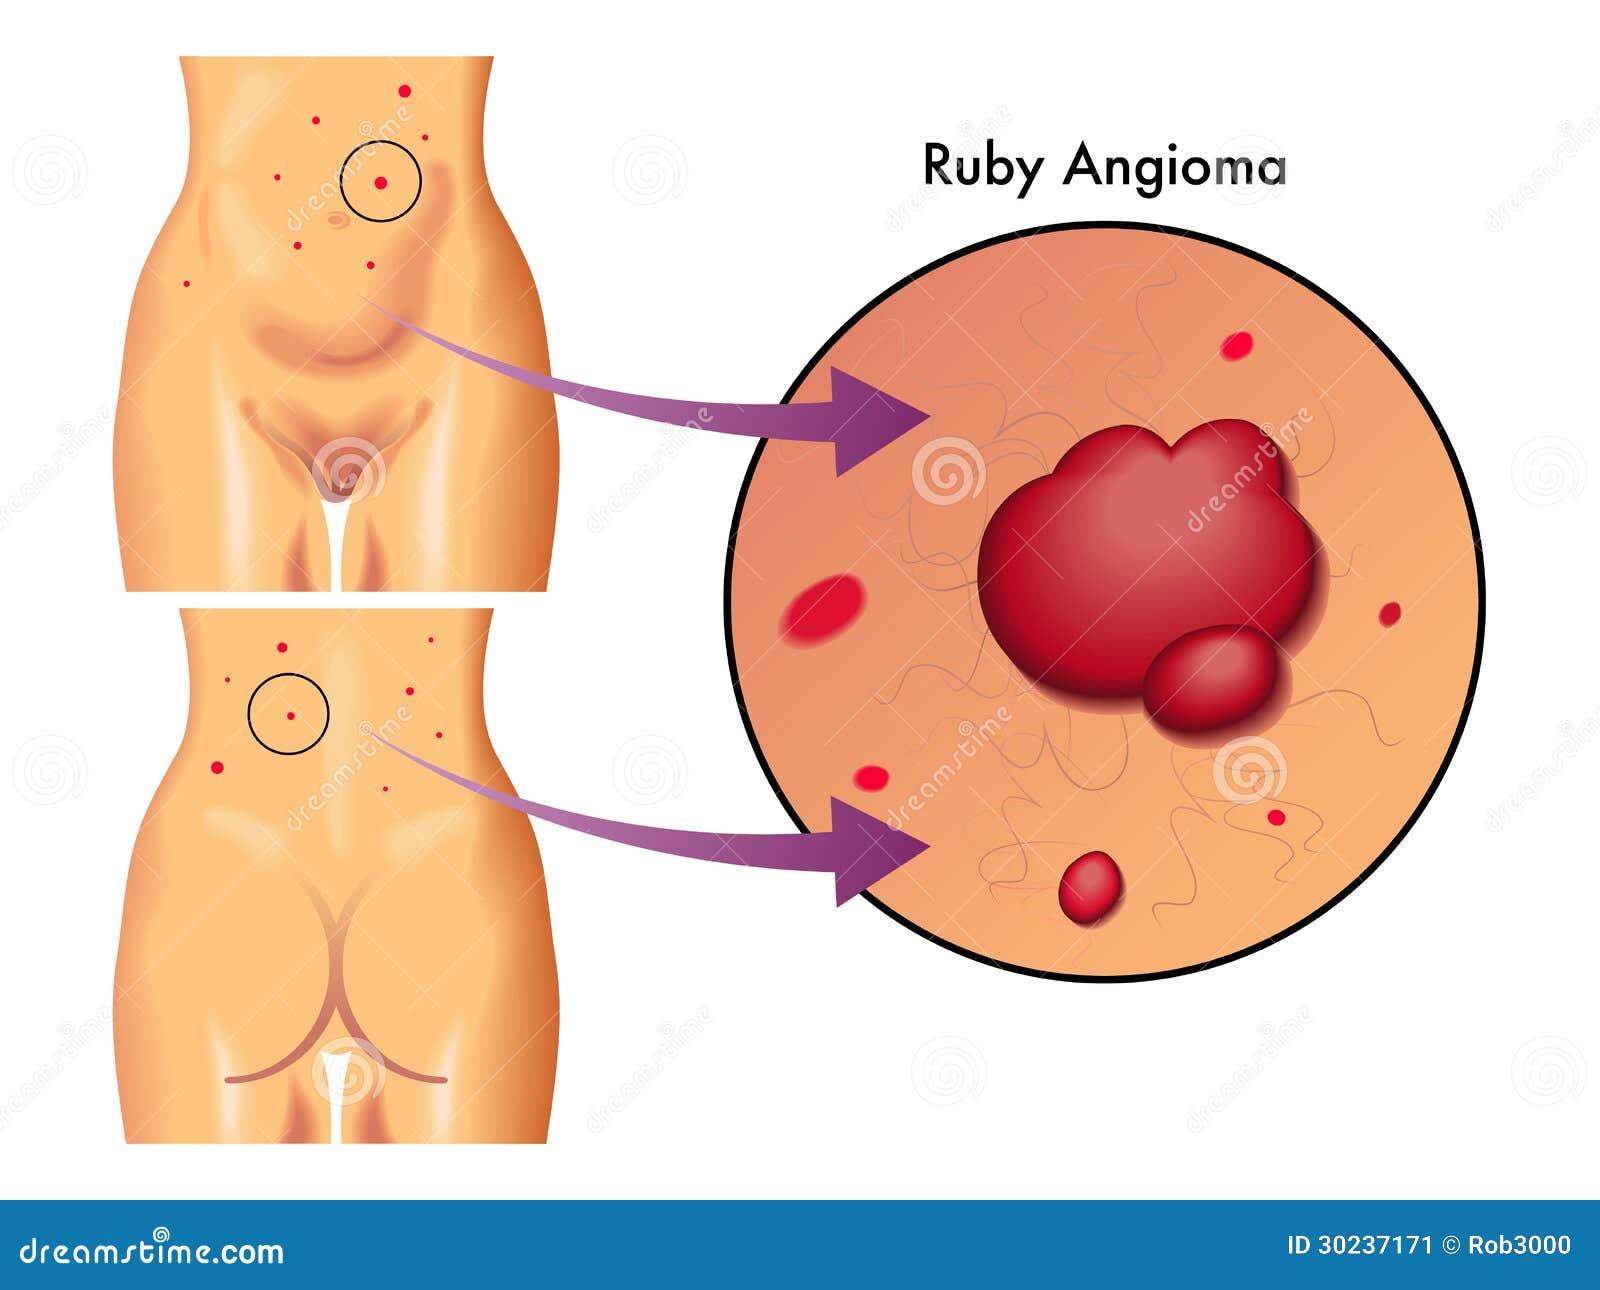 Ruby angioma